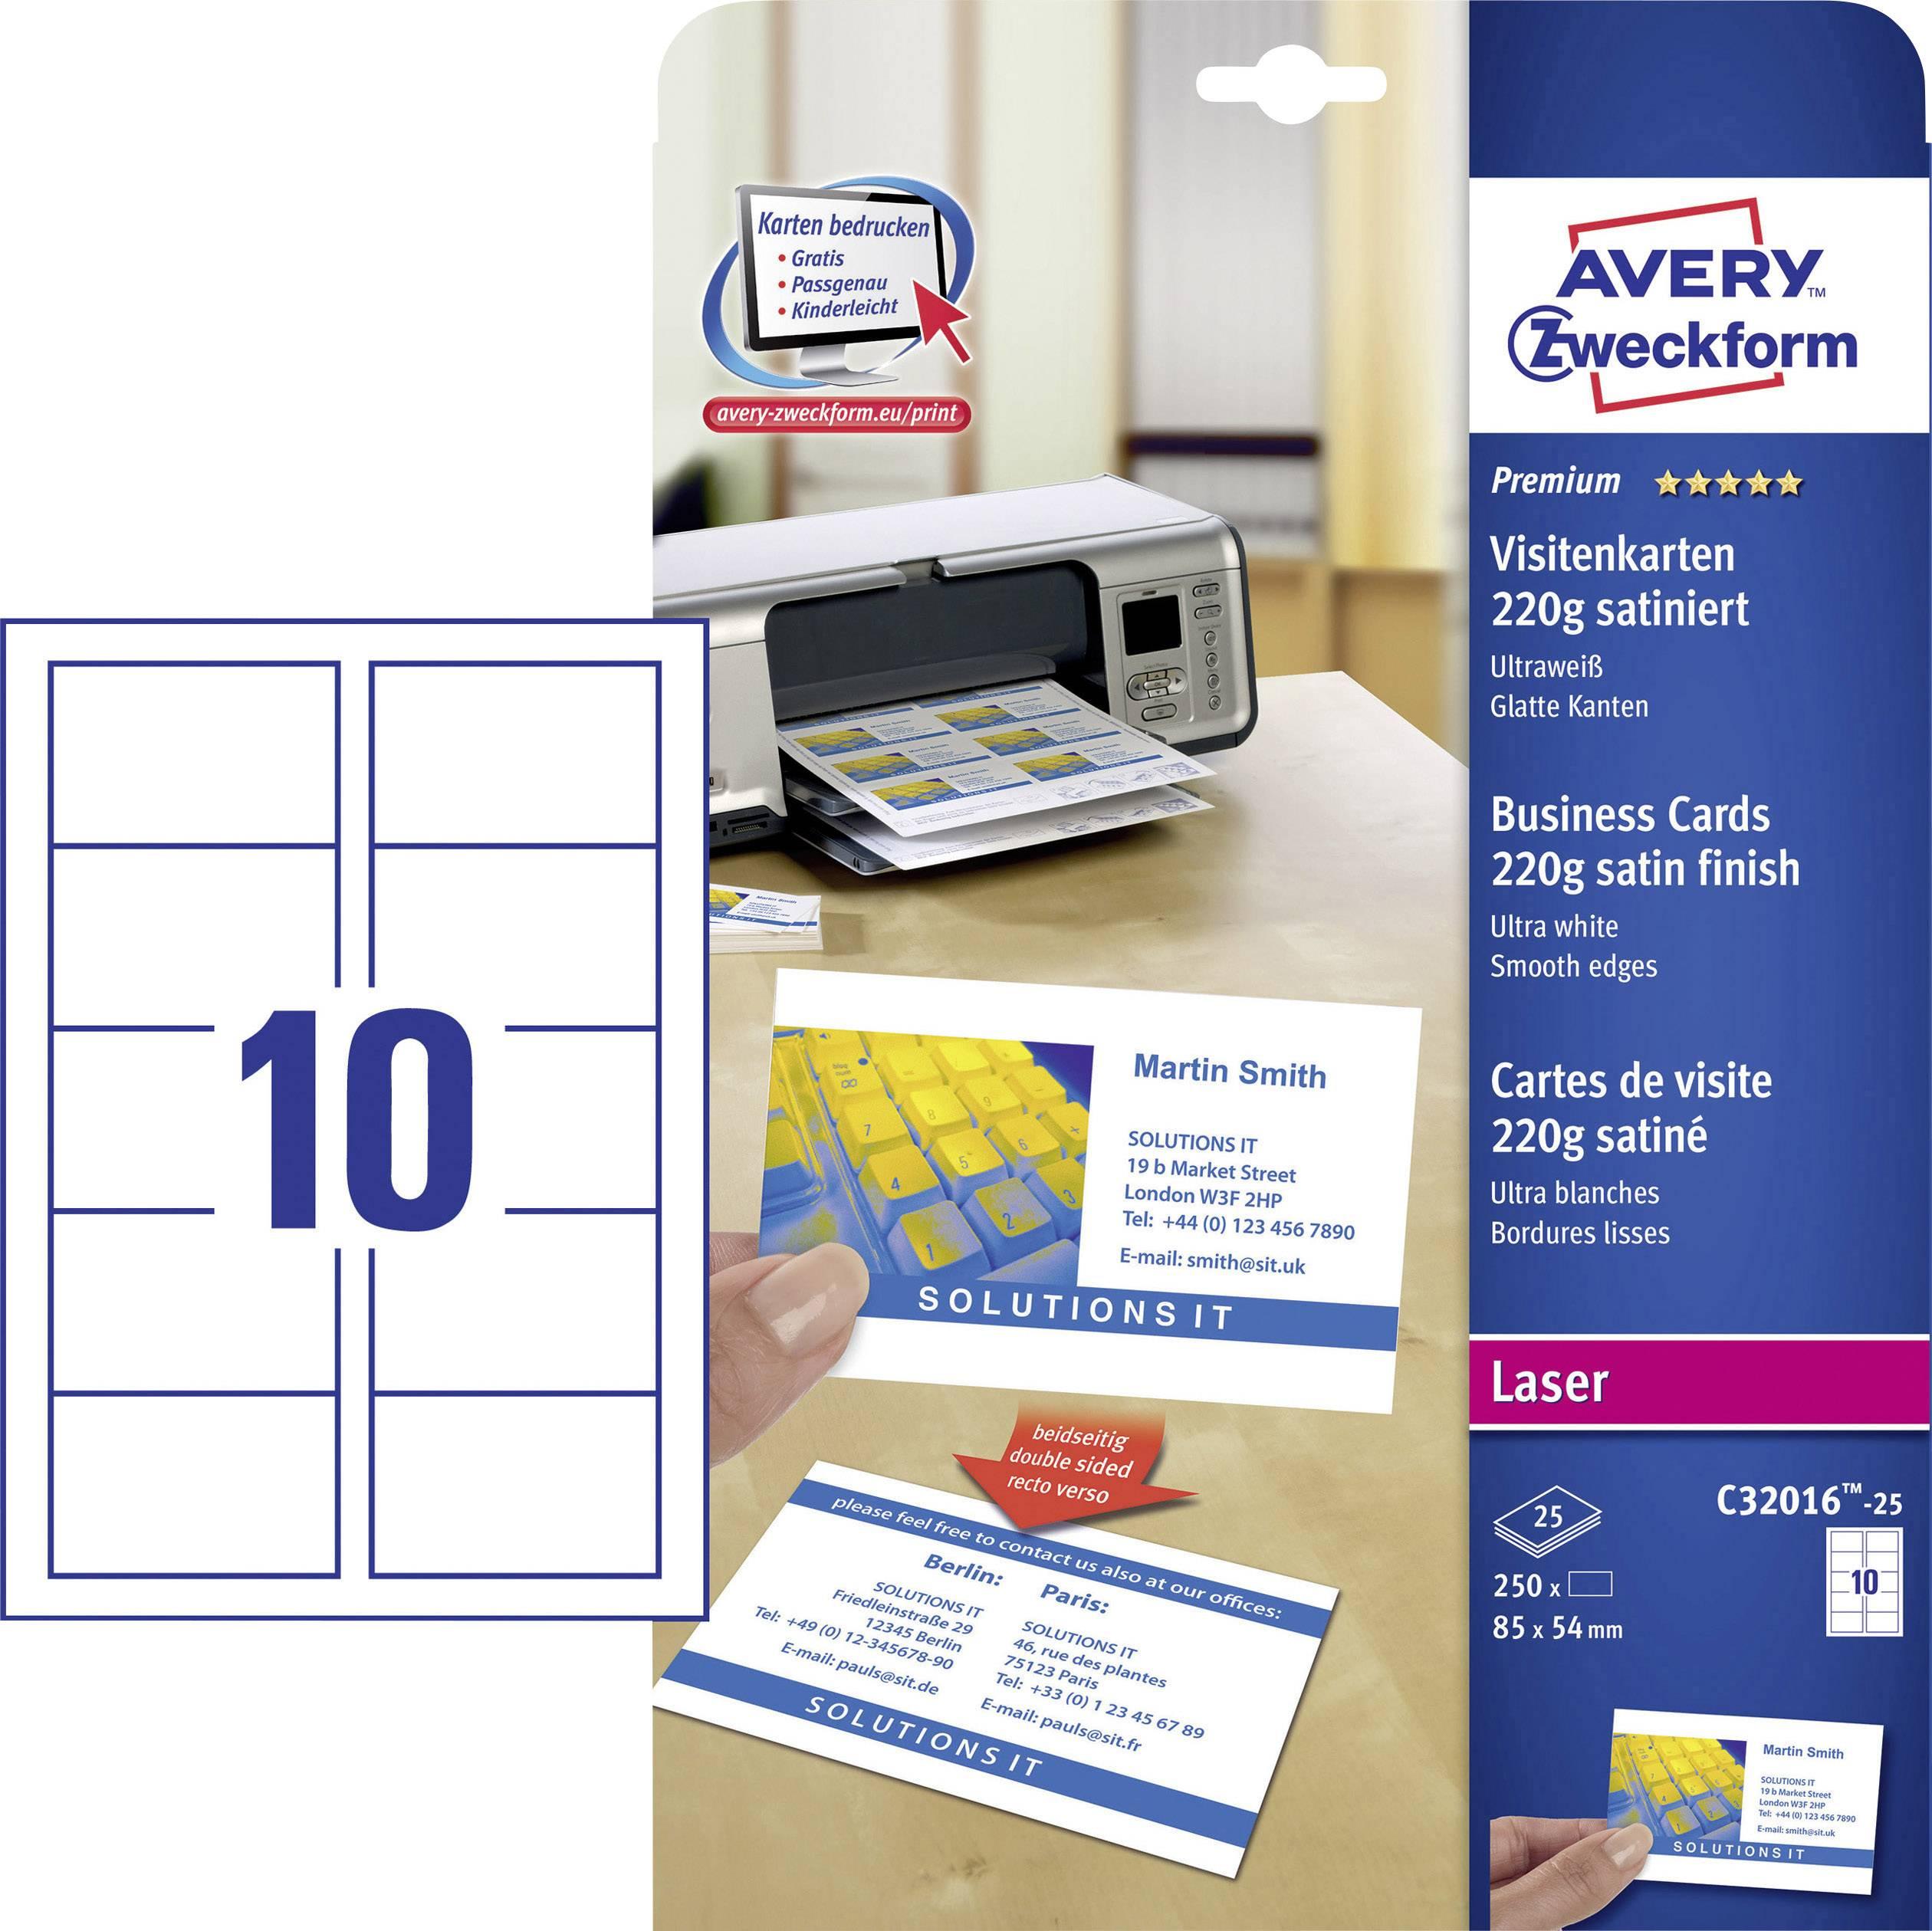 Cartes De Visite Imprimables Bords Lisses Avery Zweckform C32016 25 85 X 54 Mm Blanc 250 Pcs